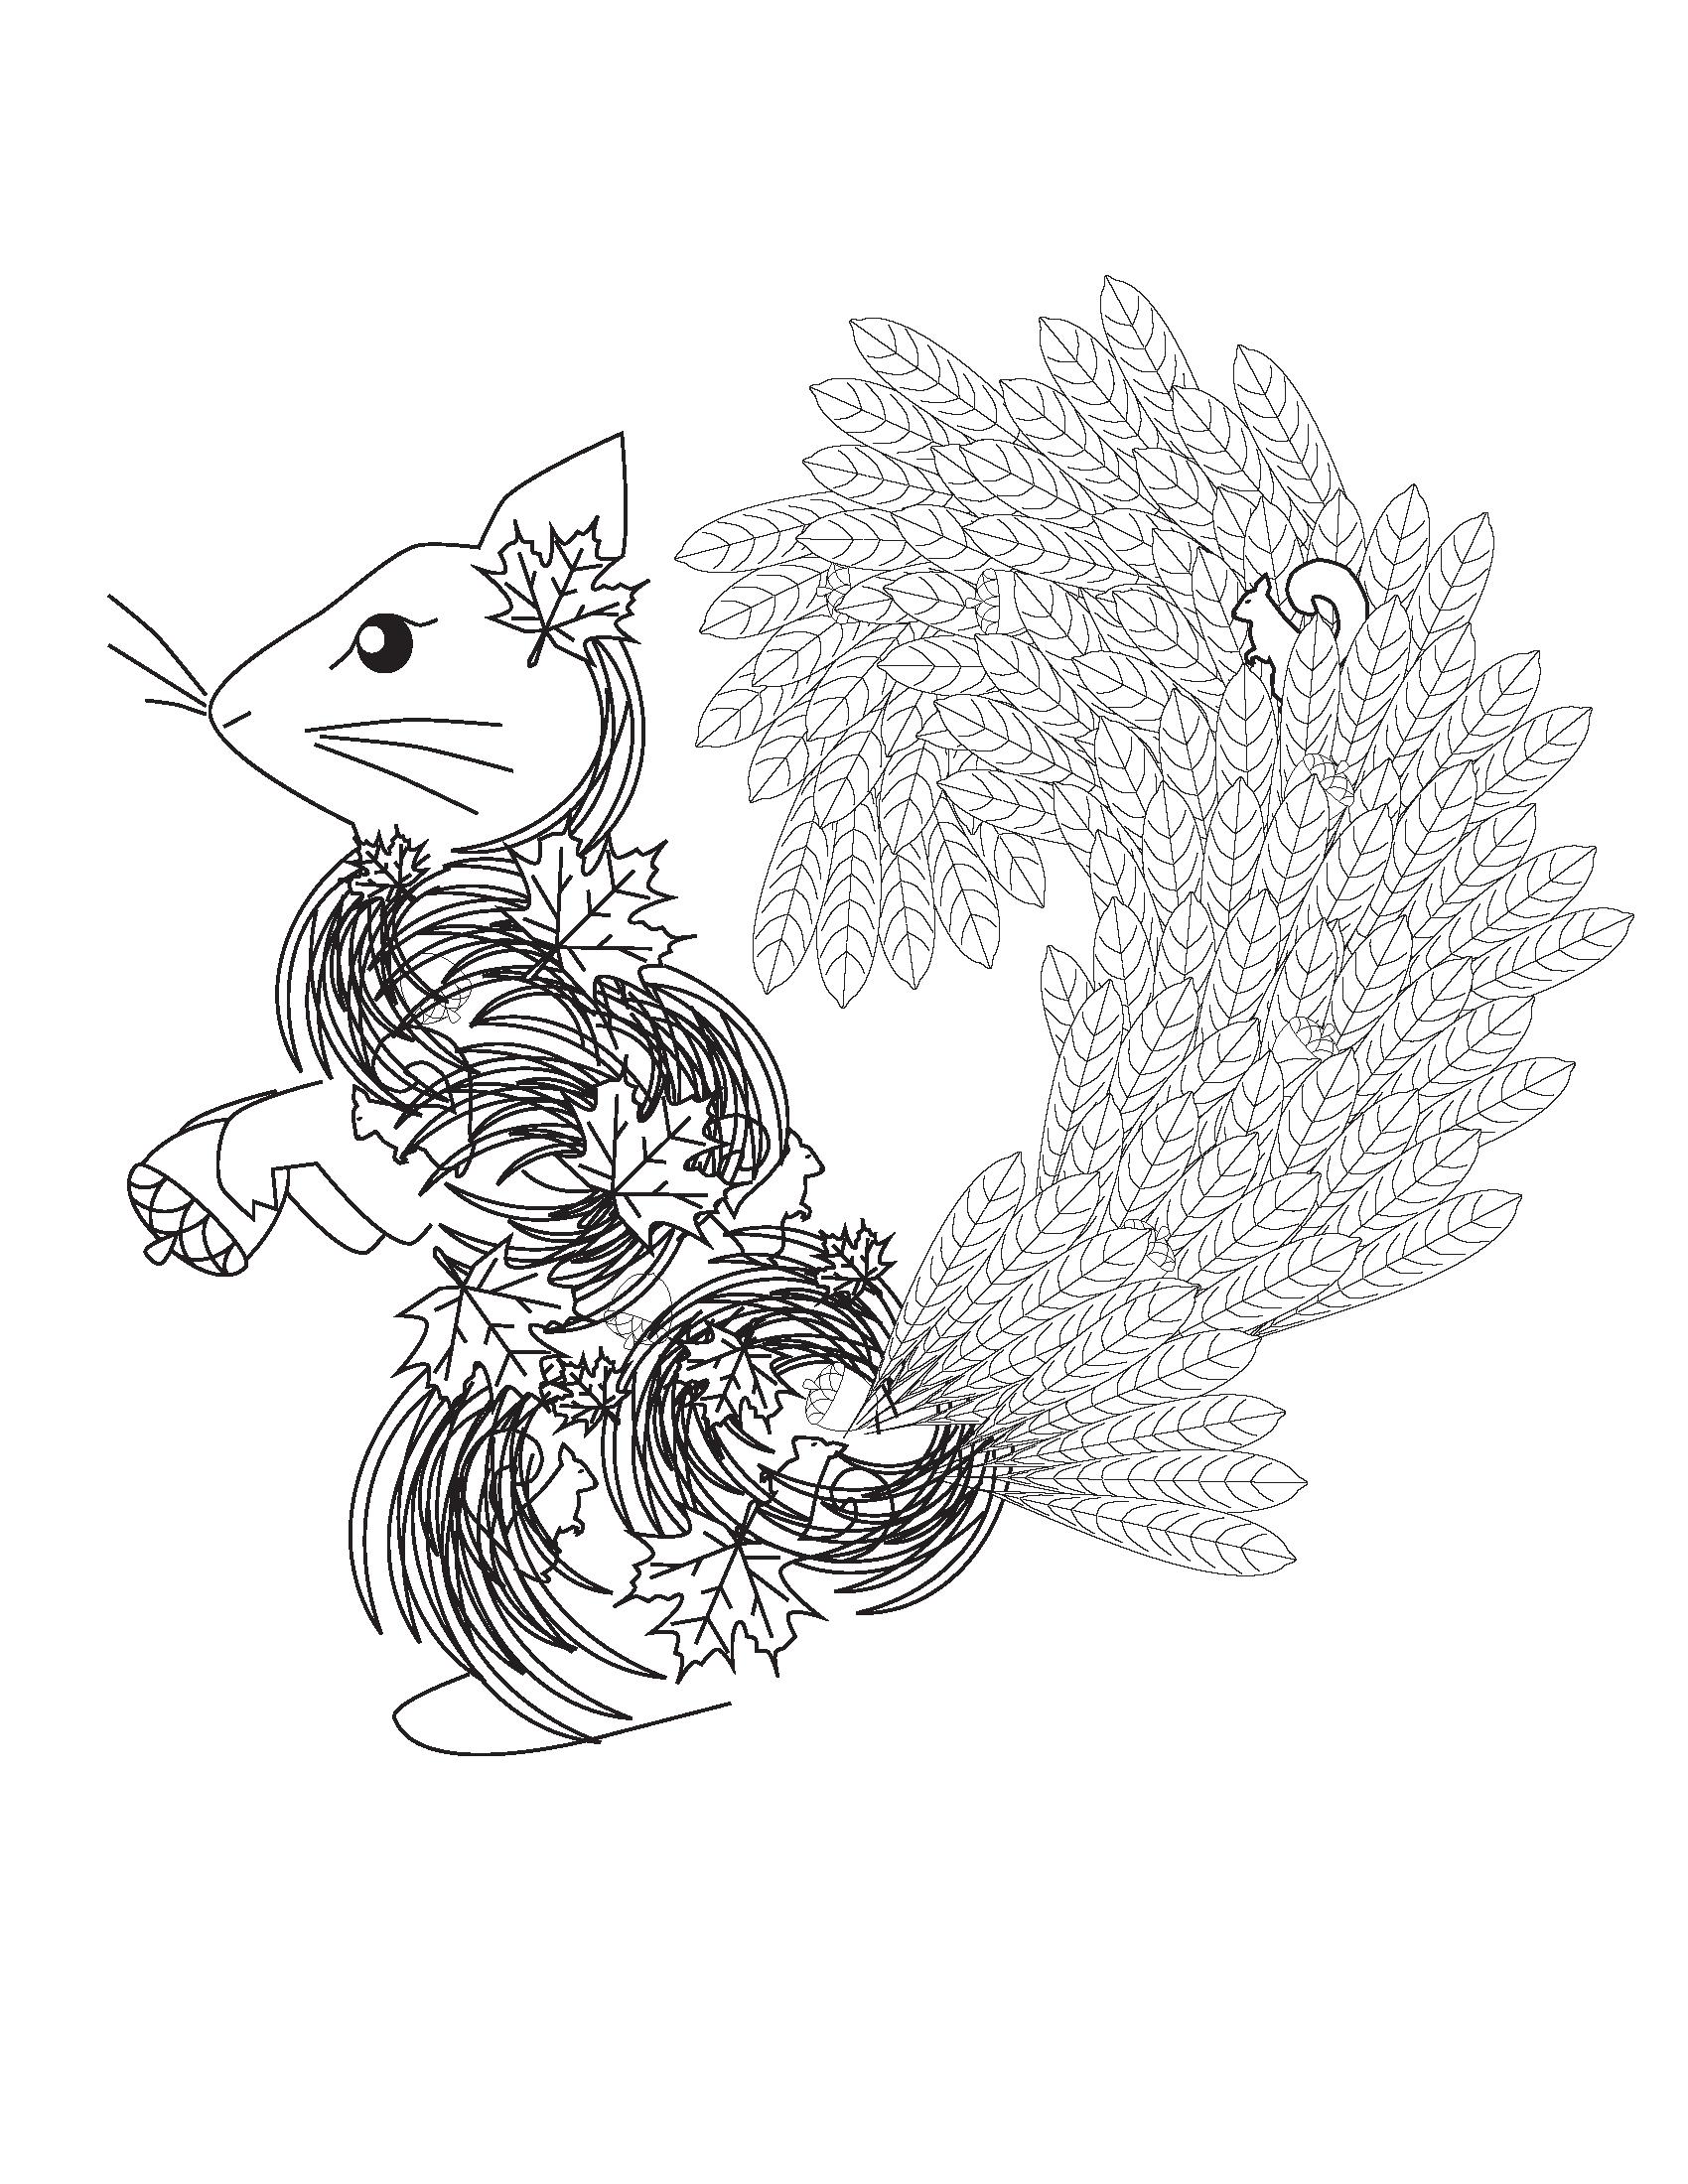 Squirrel Coloring Book page